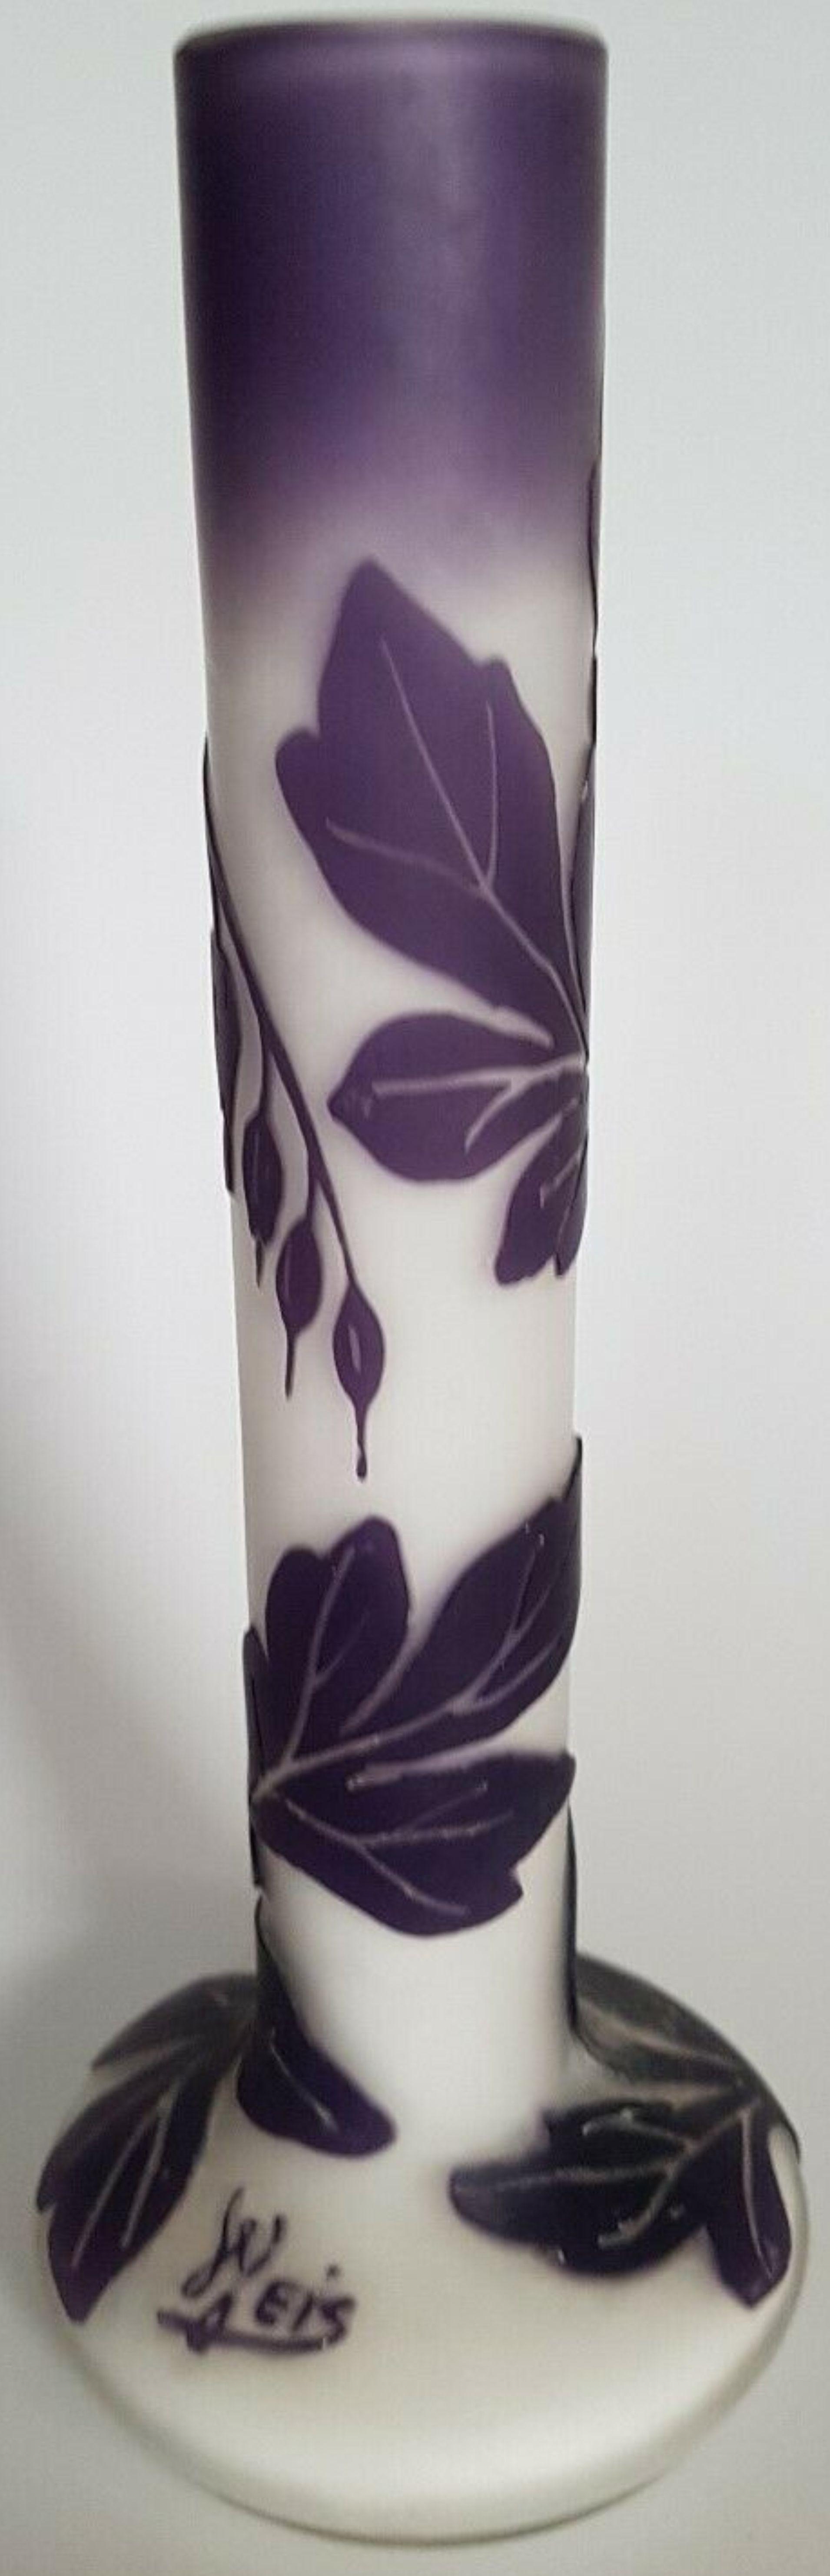 Beckmann Und Weis Mügeln Bei Dresden Jugendstil Glas Vase Ca 1918 1920 Höhe Ca 20 Cm Oberer Durchmesser Ca 3 Cm Durchmesser Fuß Ca 7 5